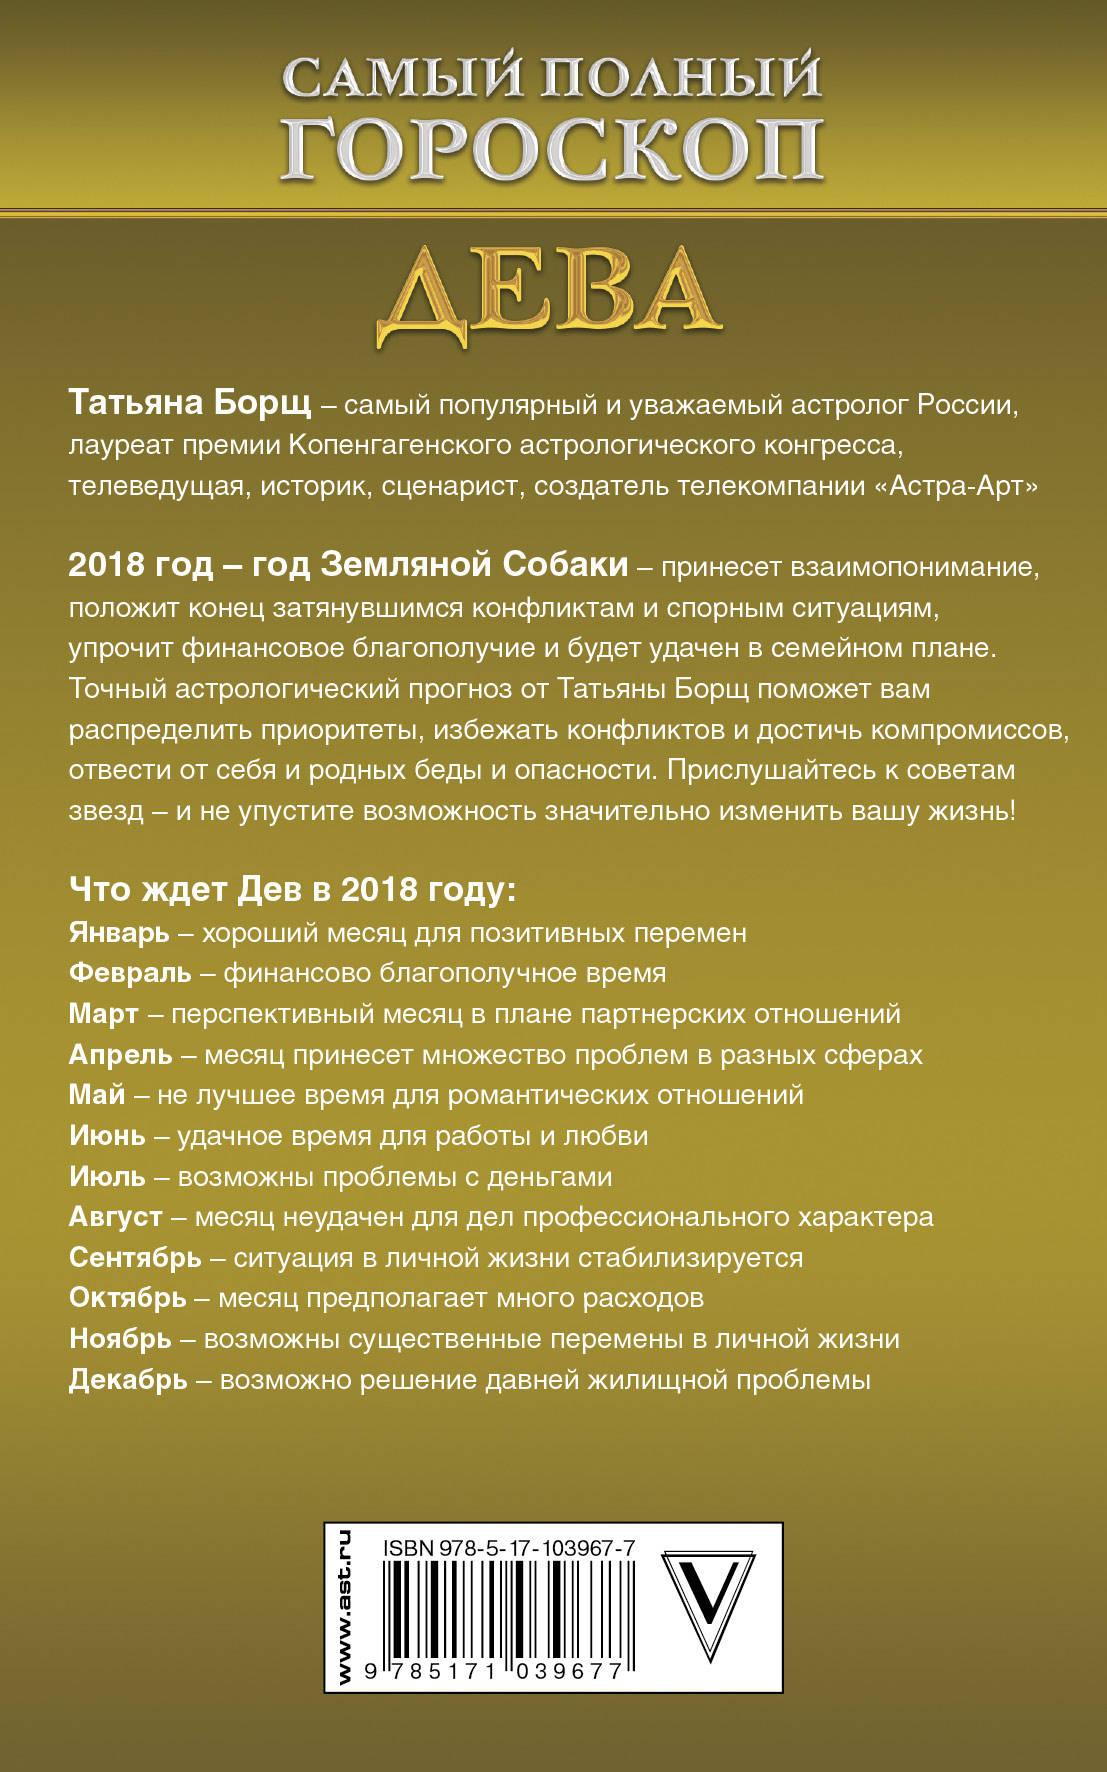 Гороскоп 2018 для девы